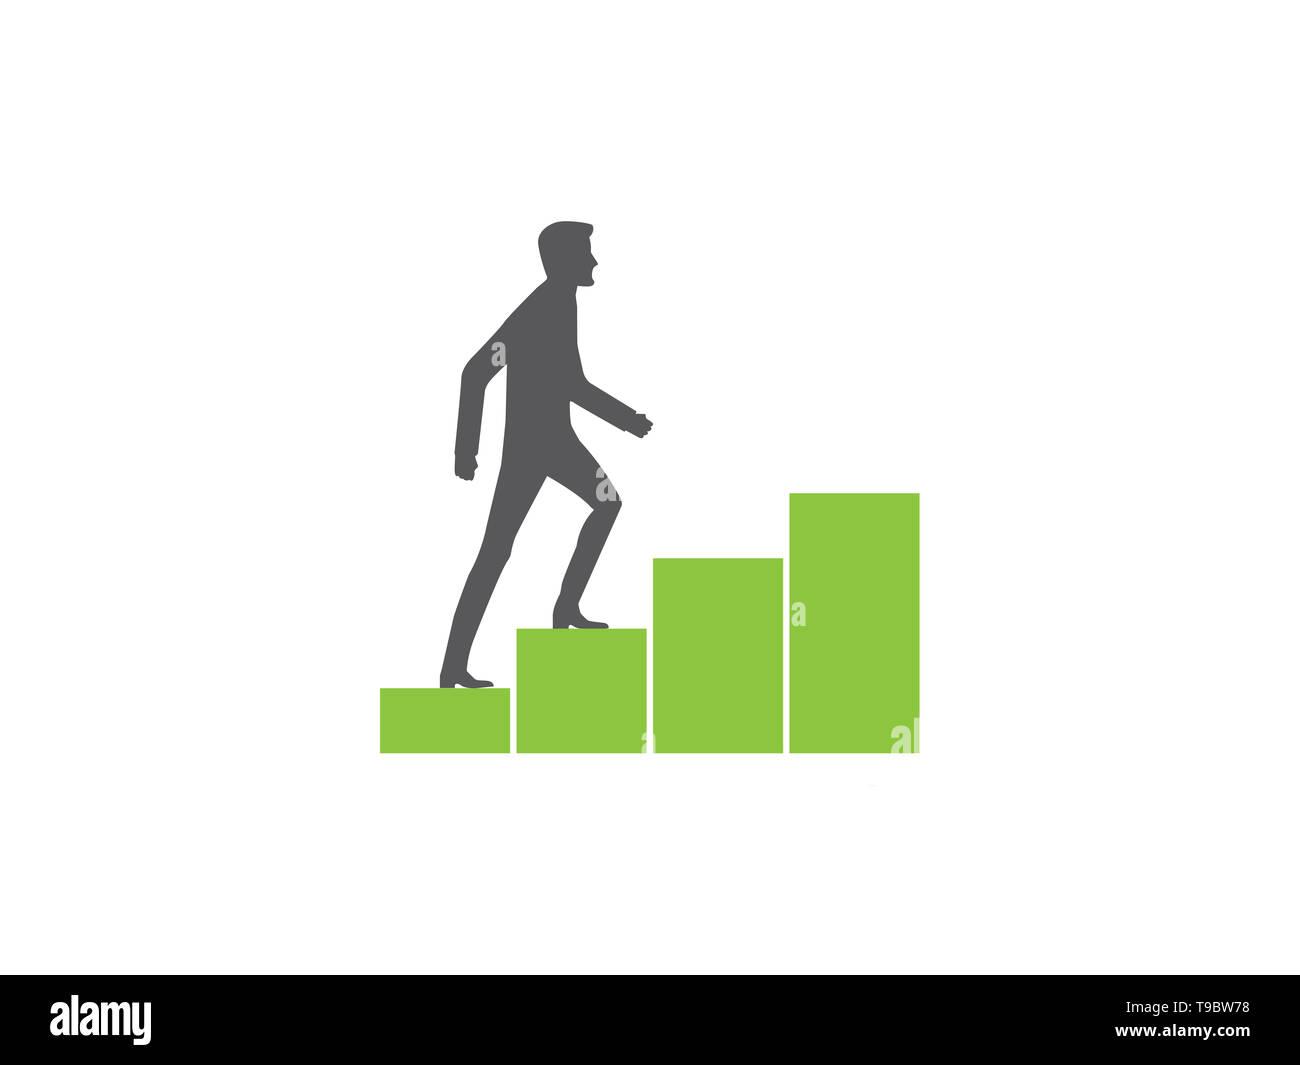 Crecimiento Personal, el hombre caminando hacia un gráfico ascendente Imagen De Stock